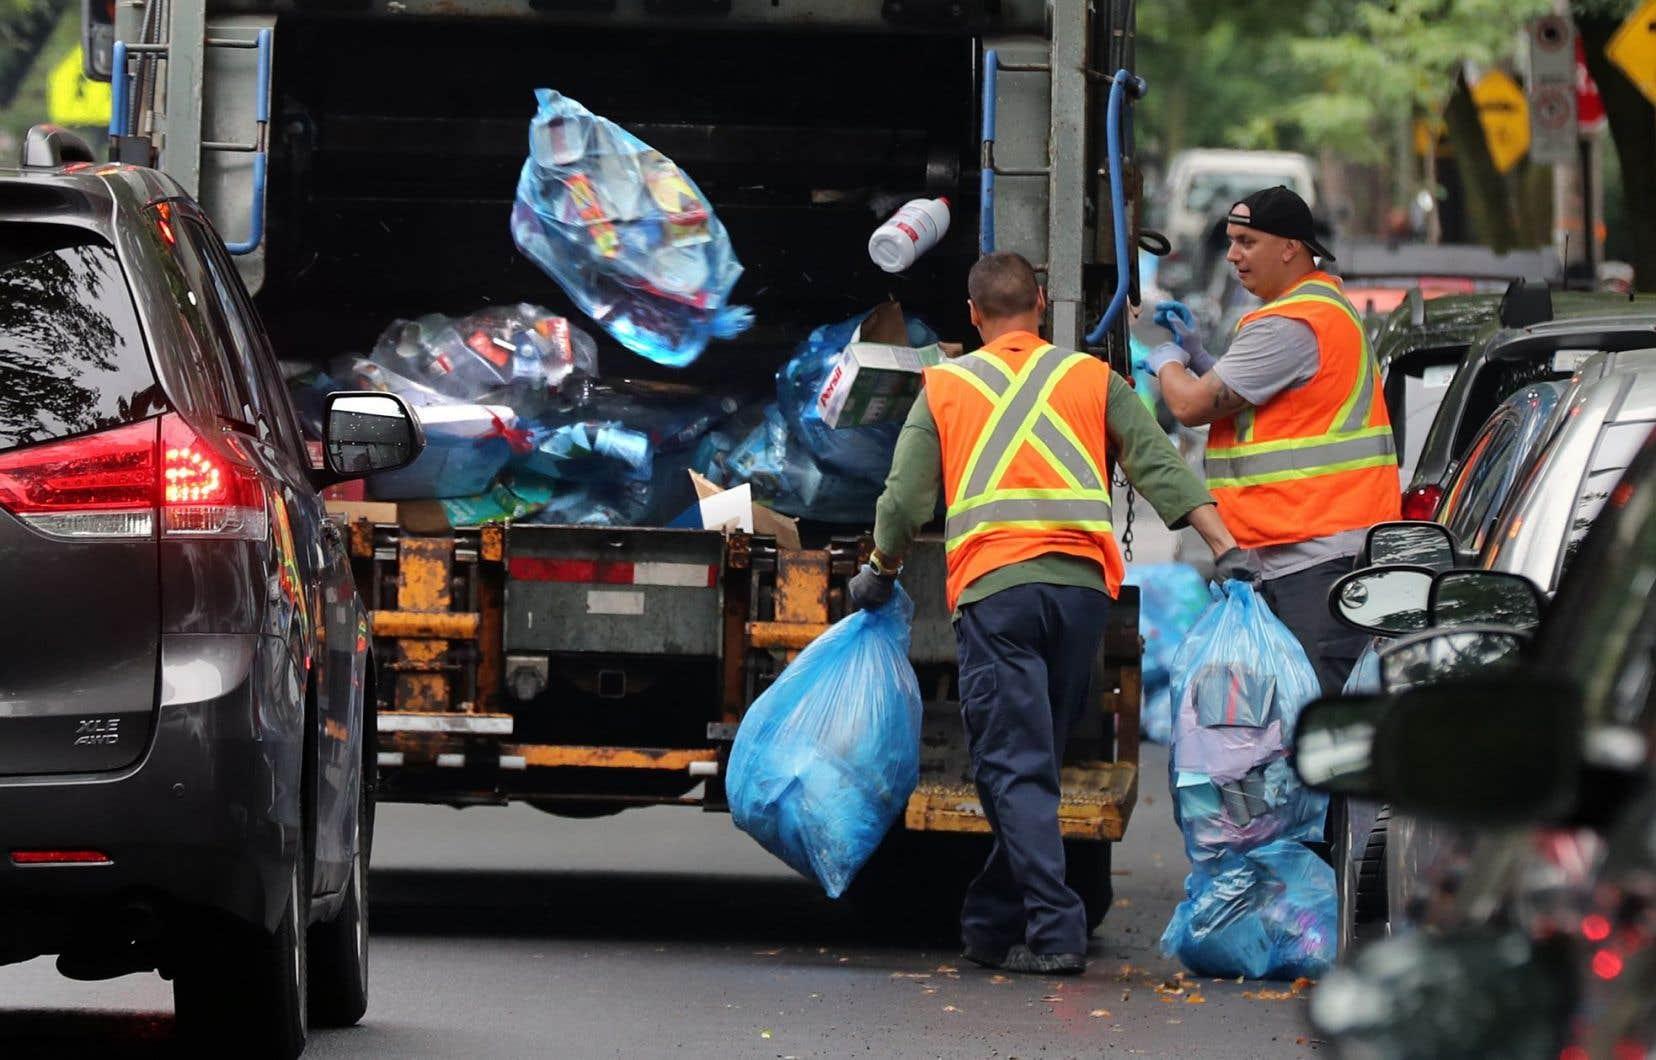 Le Québec n'a pas réussi à atteindre l'objectif qu'il s'était donné dans son plan d'action 2011-2015, soit de recycler 70% du papier, du carton, du plastique, du verre et du métal résiduels.